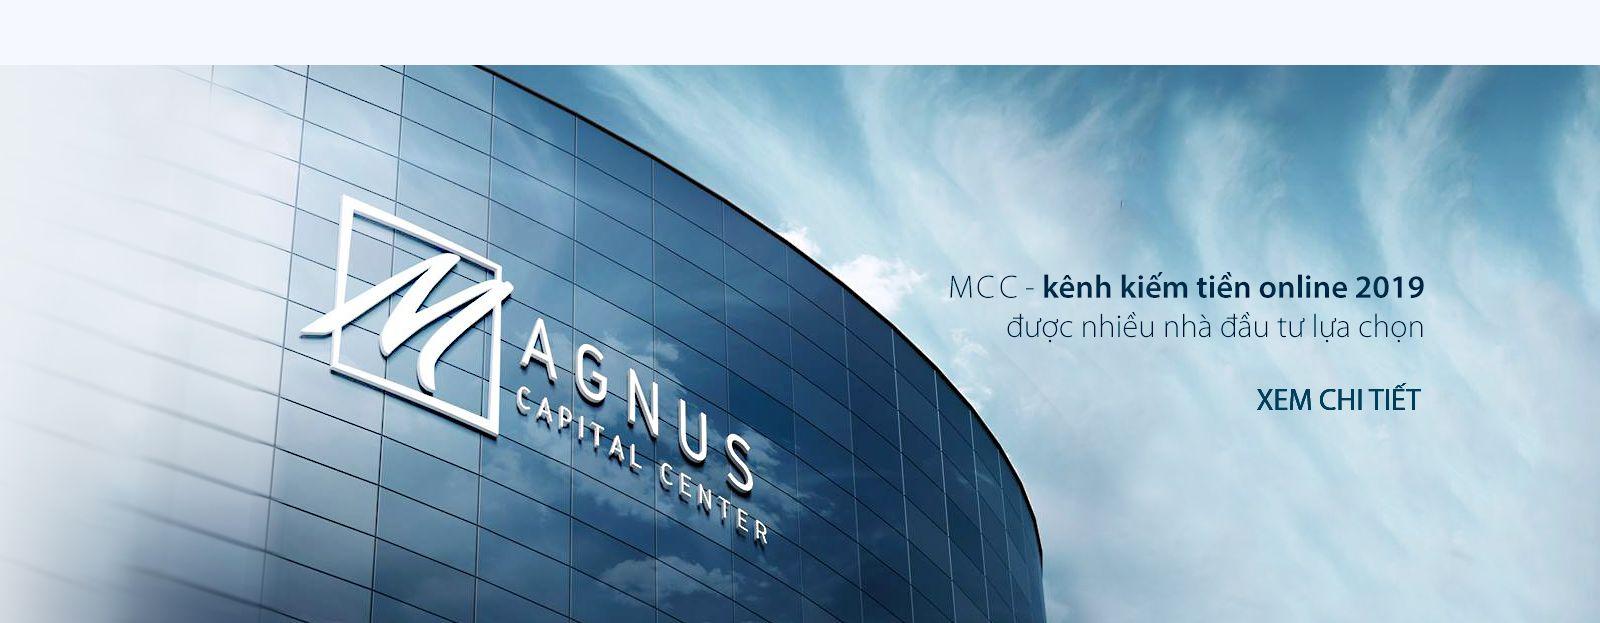 MCC - Kênh kiếm tiền online 2019